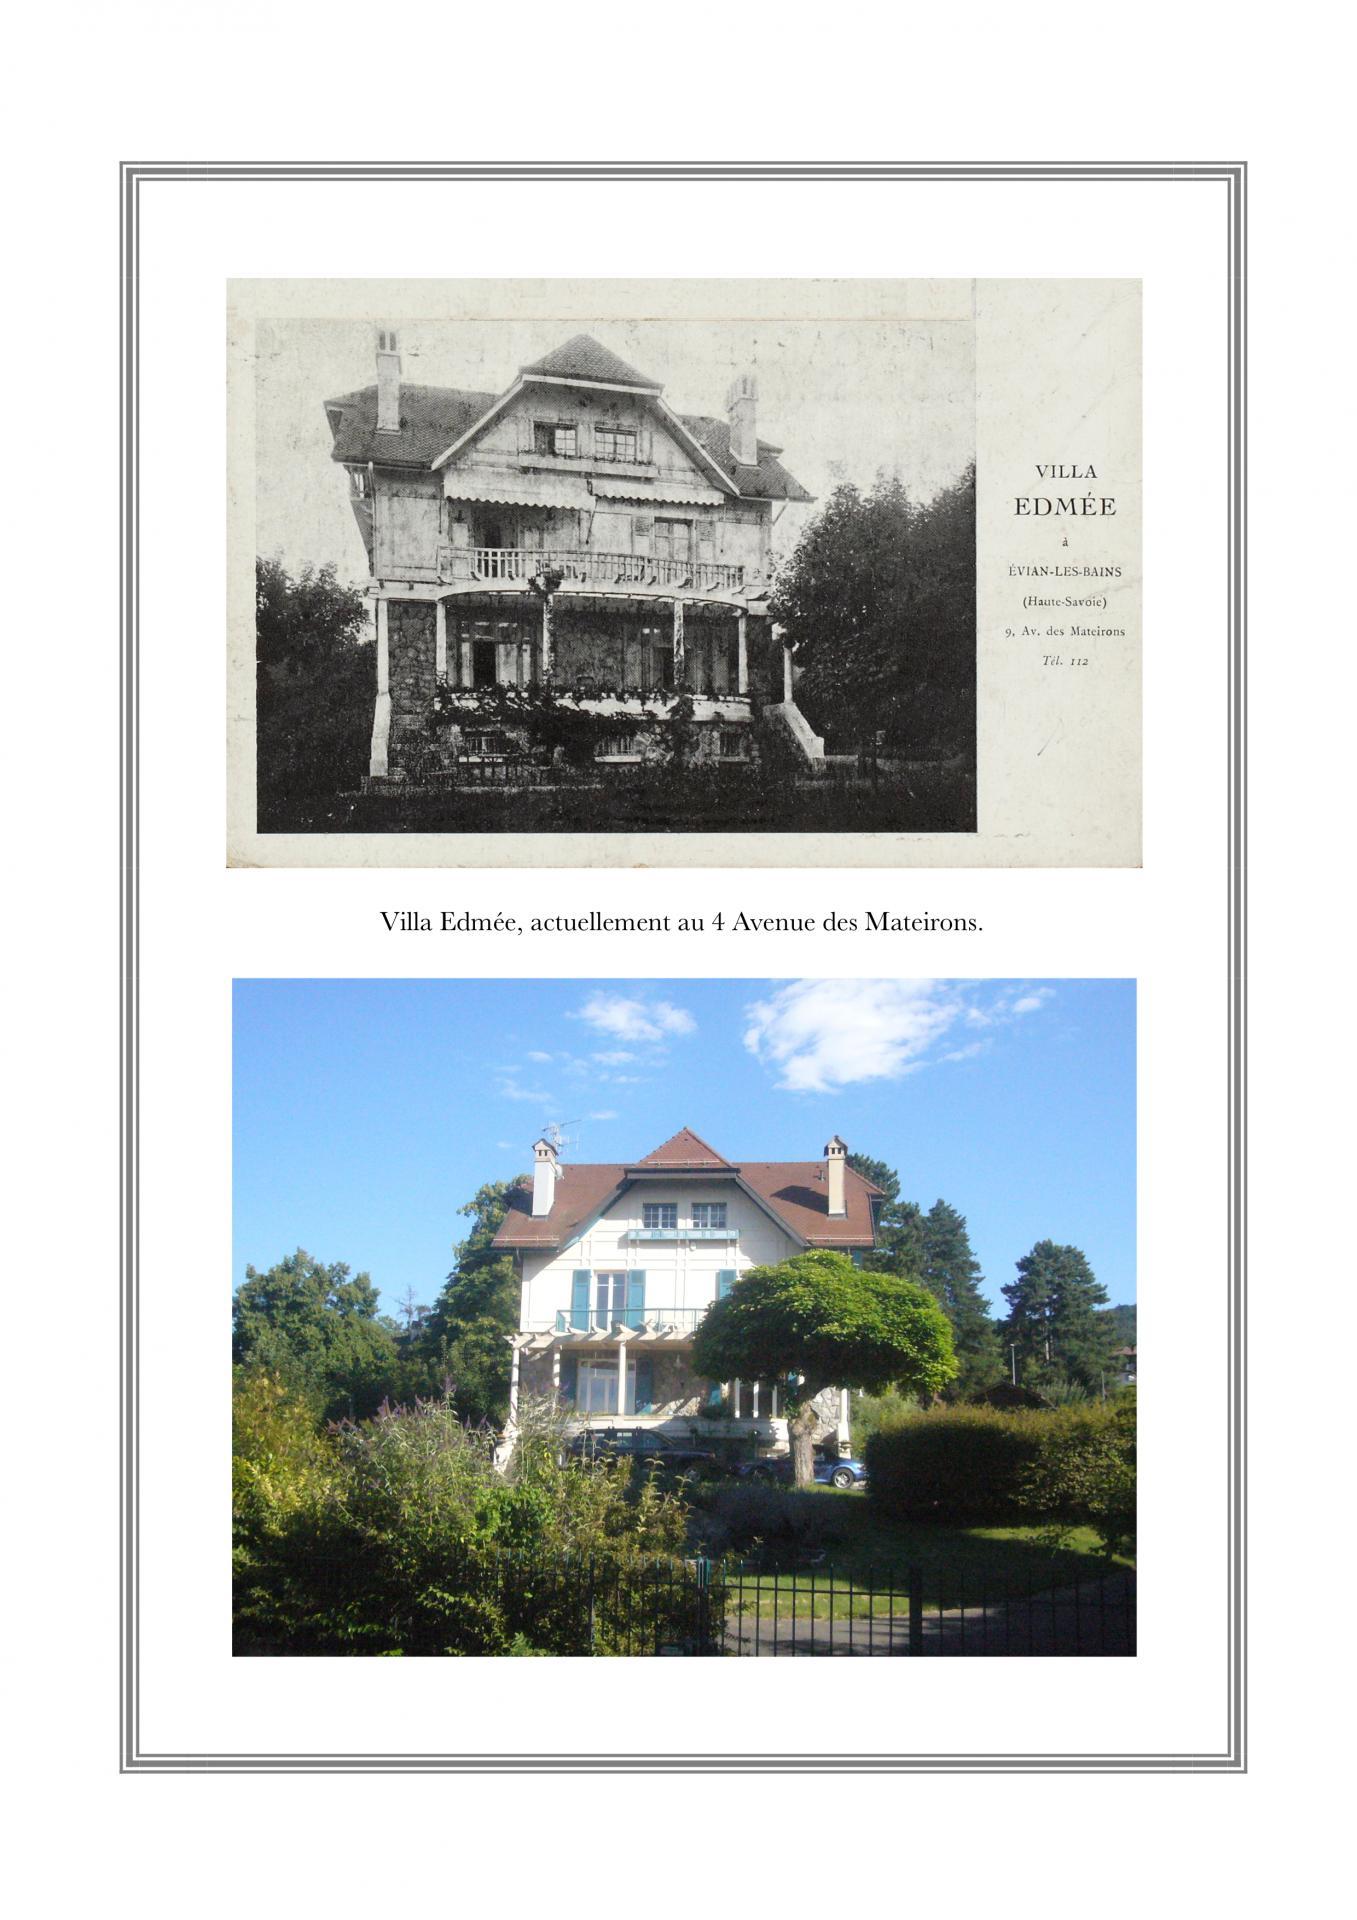 Villa Edmée, 4 avenues des Mateirons